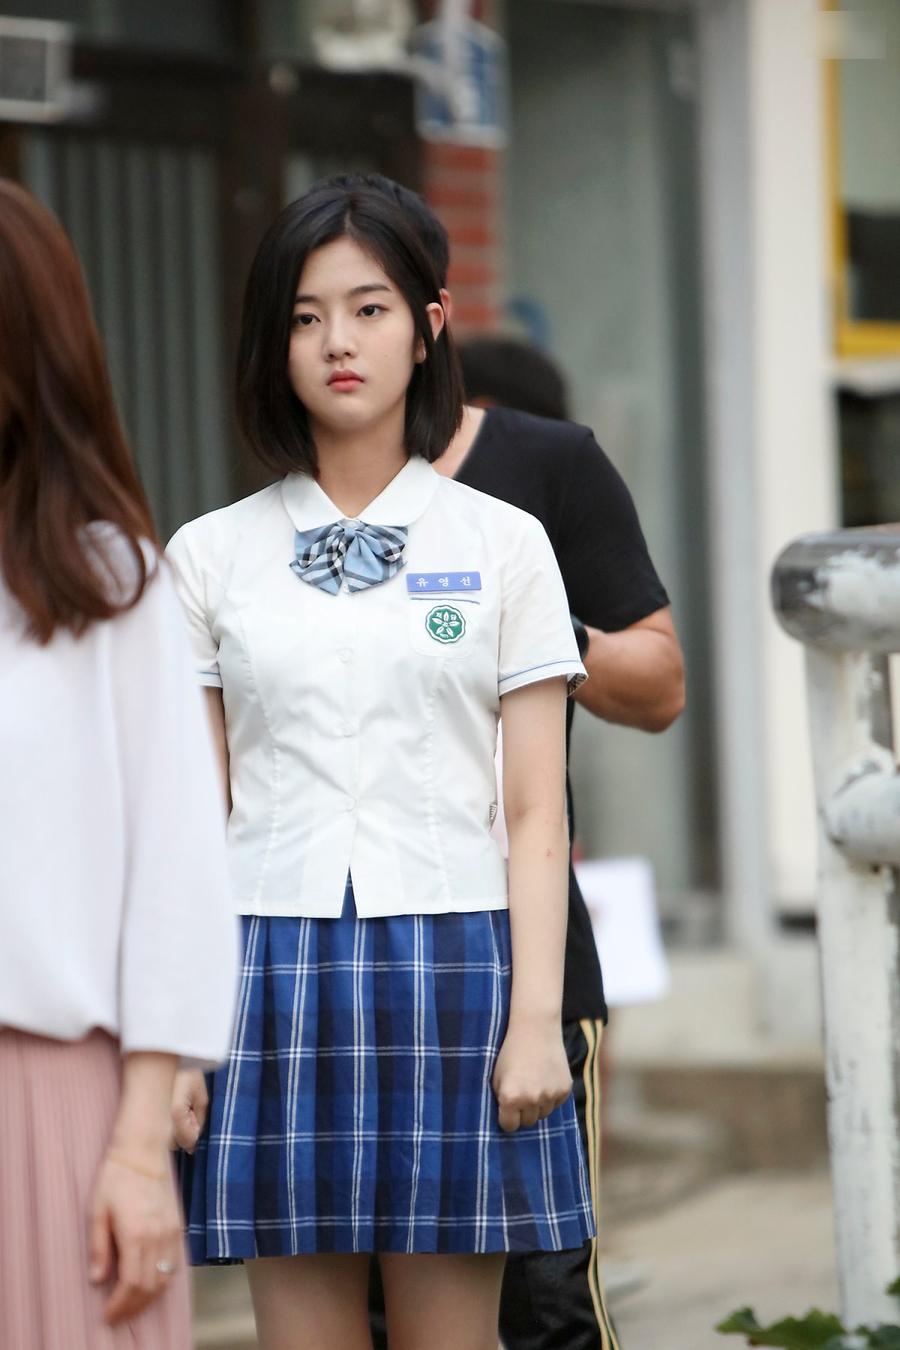 shin eun soo jyp girl group 1